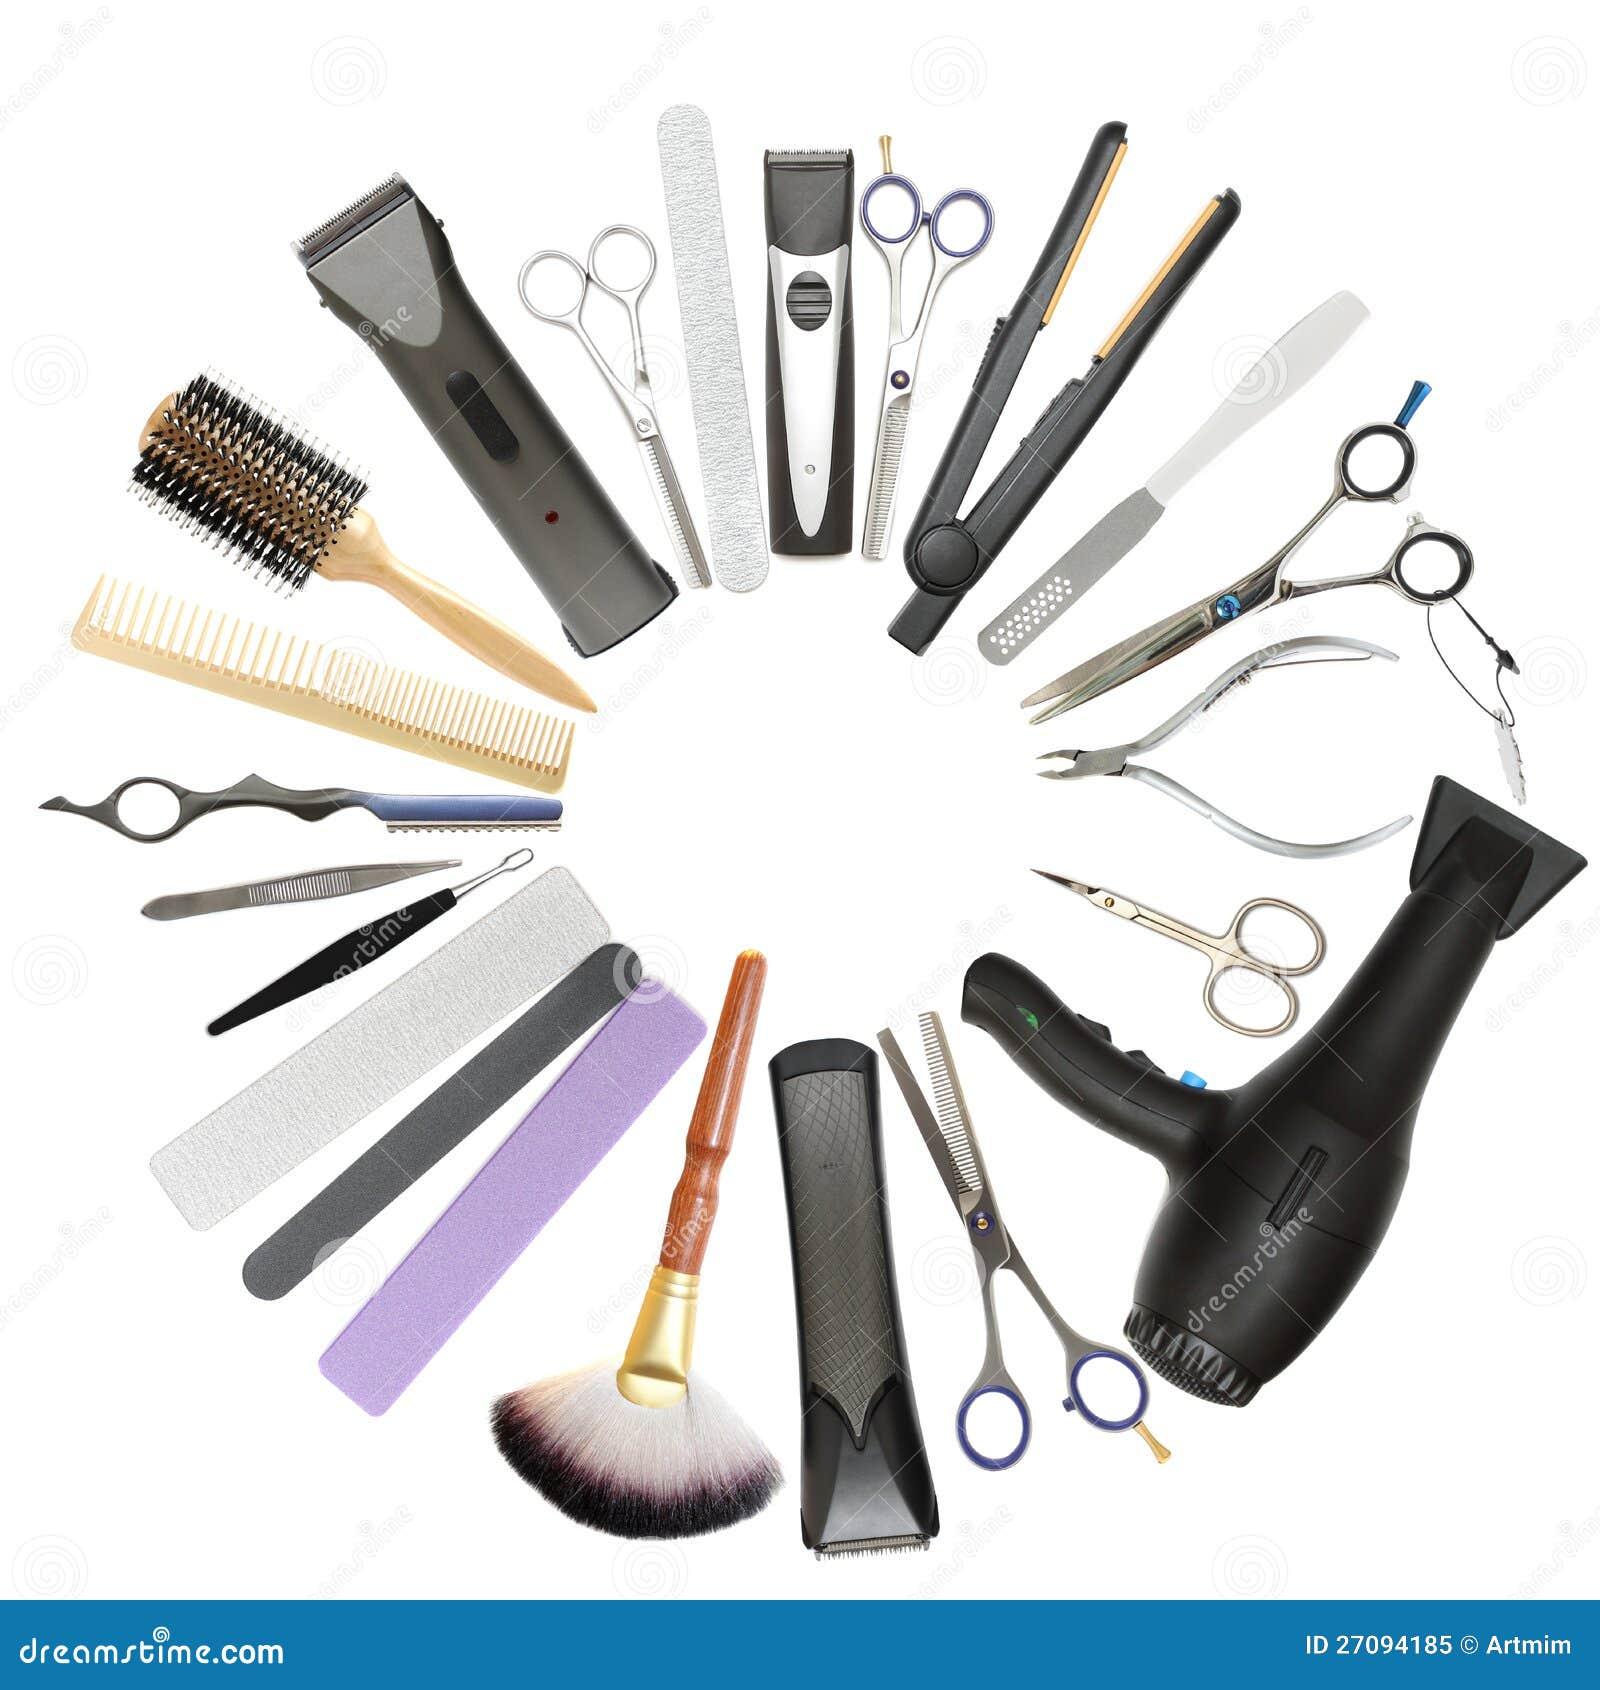 плоские форум парикмахеров где купить инстументы в воронеже Иногда